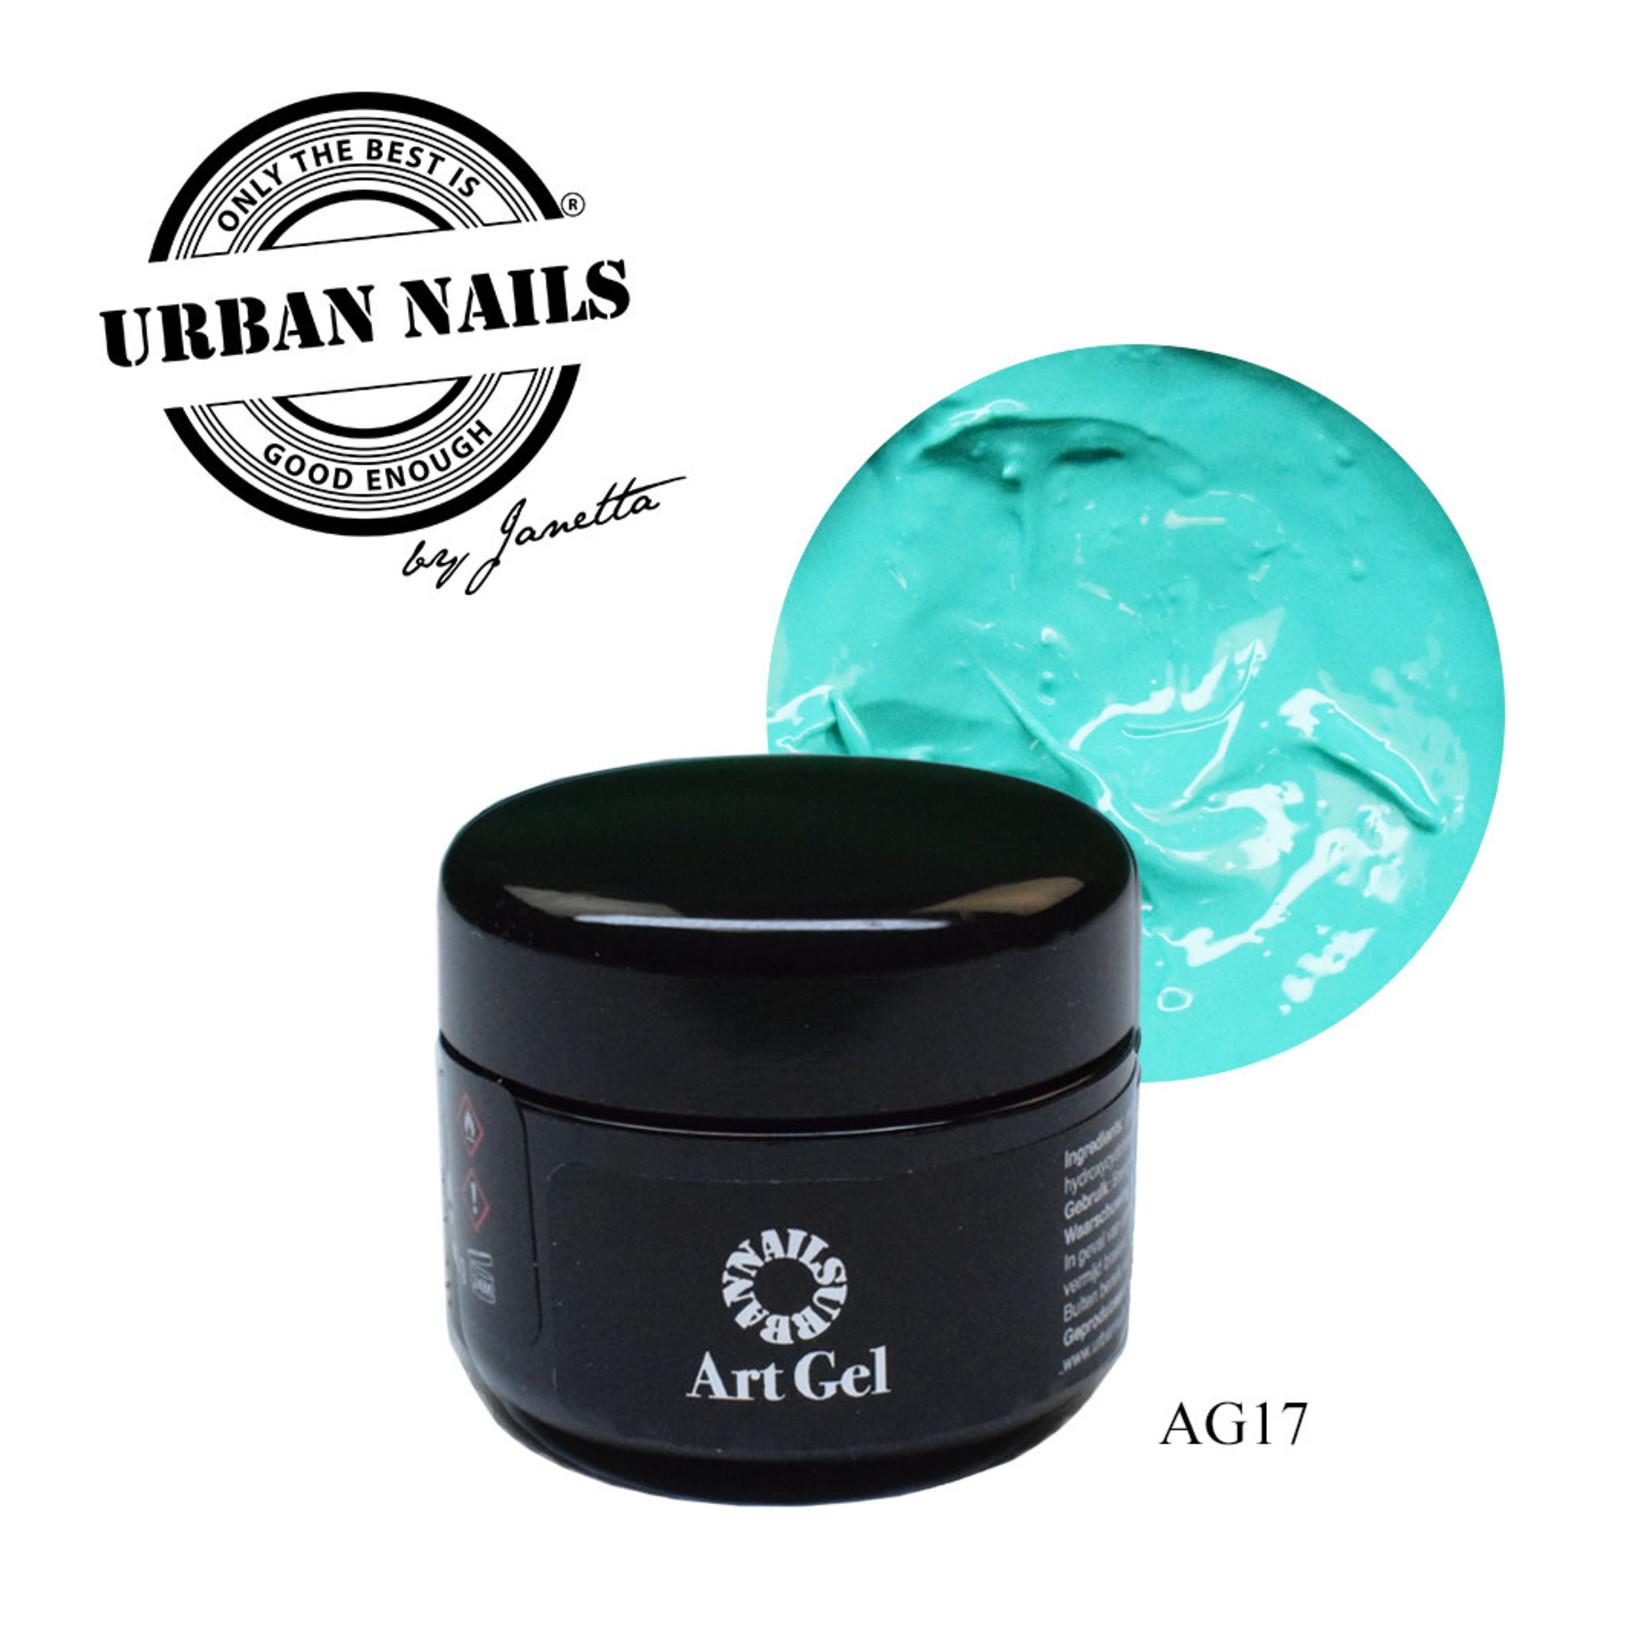 Urban Nails Art Gel 17 Turqouise